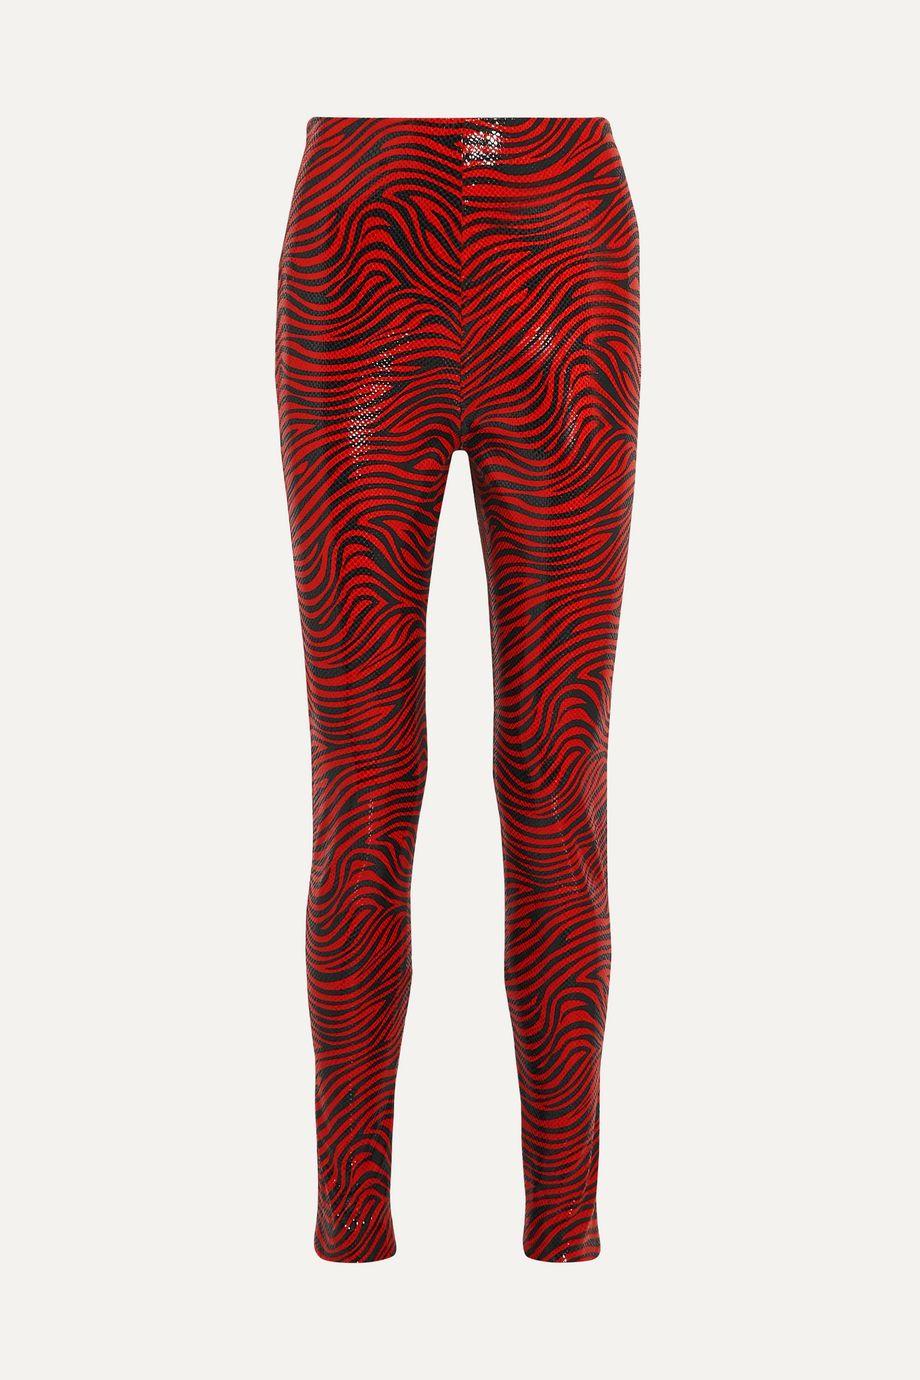 Stand Studio + Pernille Teisbaek Tabitha zebra-print faux leather skinny pants